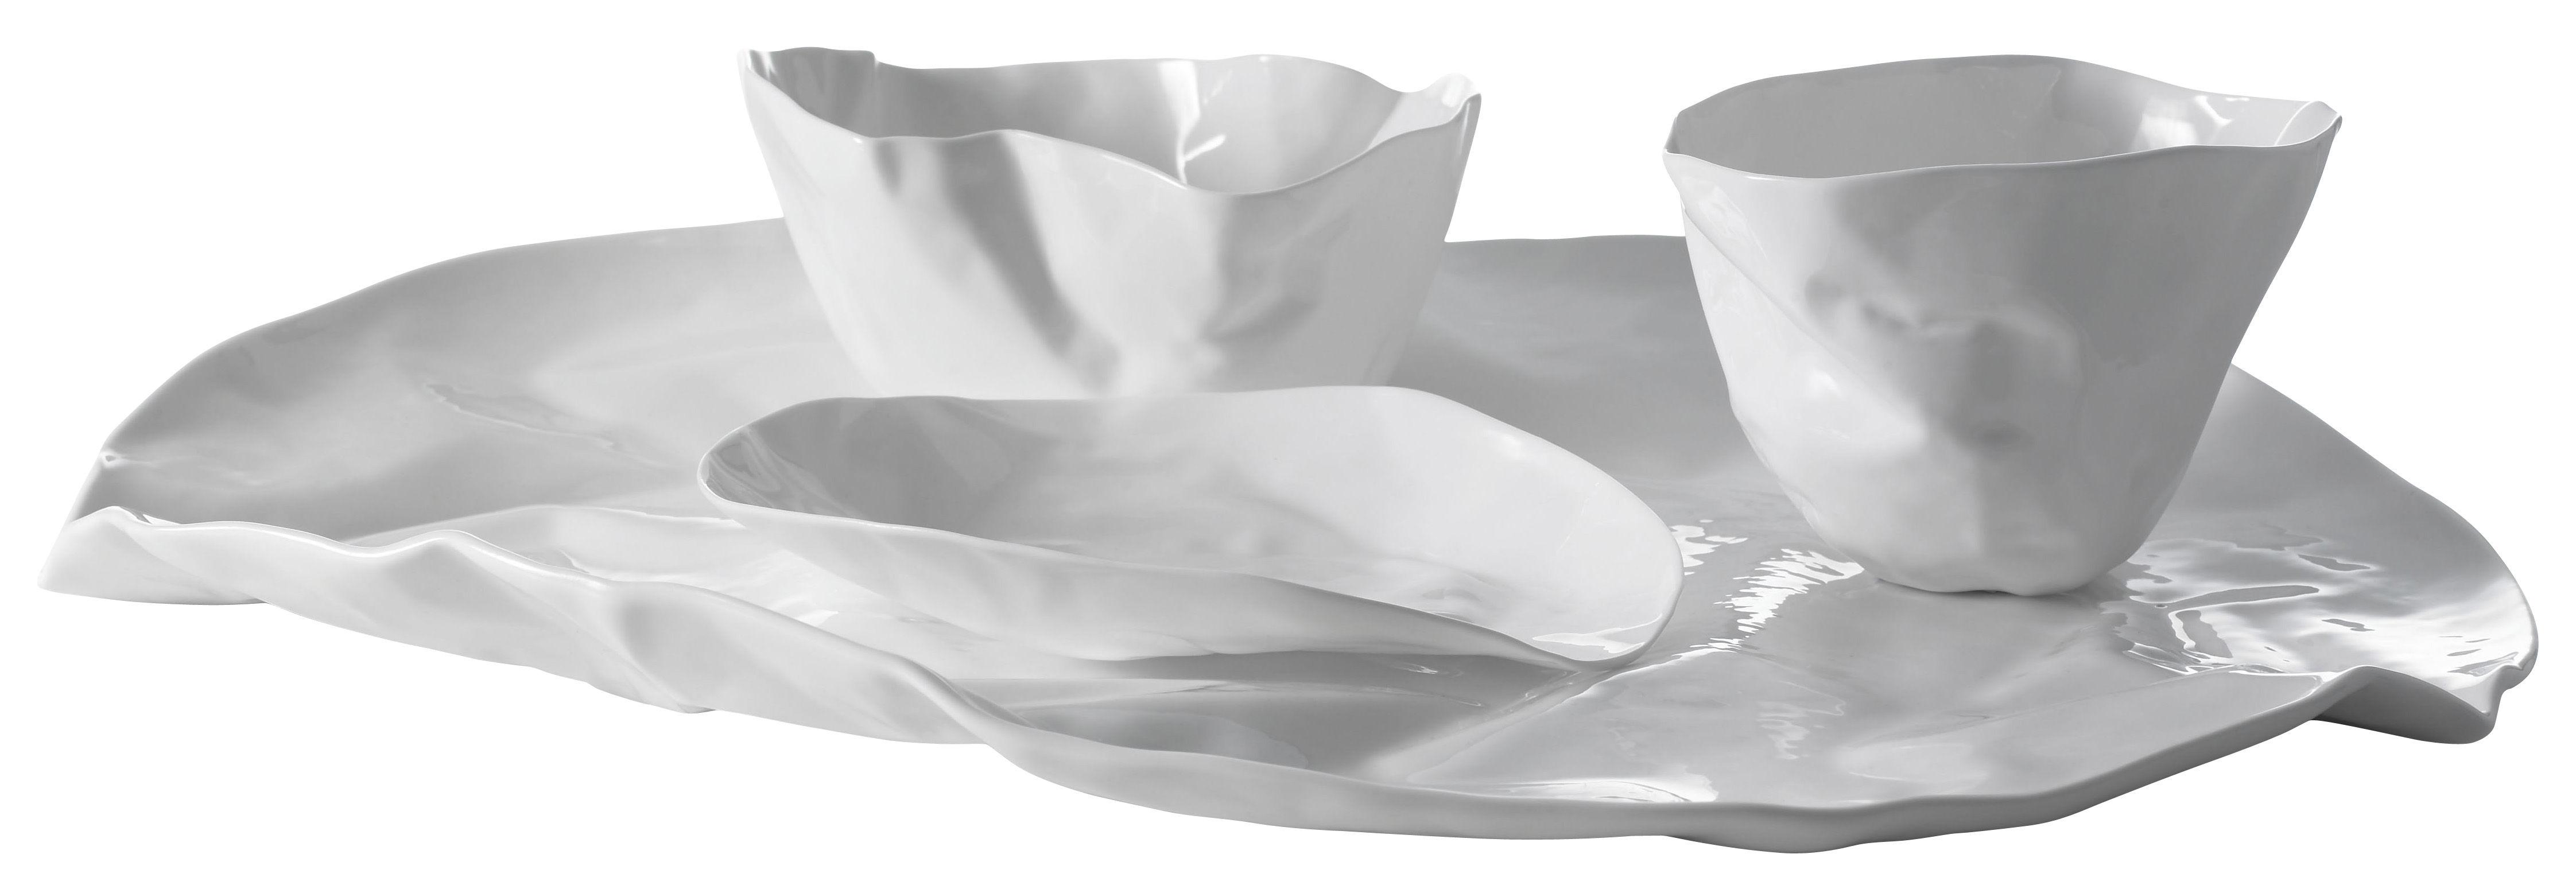 Arts de la table - Assiettes - Set vaisselle Adelaïde X / 1 plat + 2 bols + 1 coupelle - Driade Kosmo - Blanc - Porcelaine Bone China